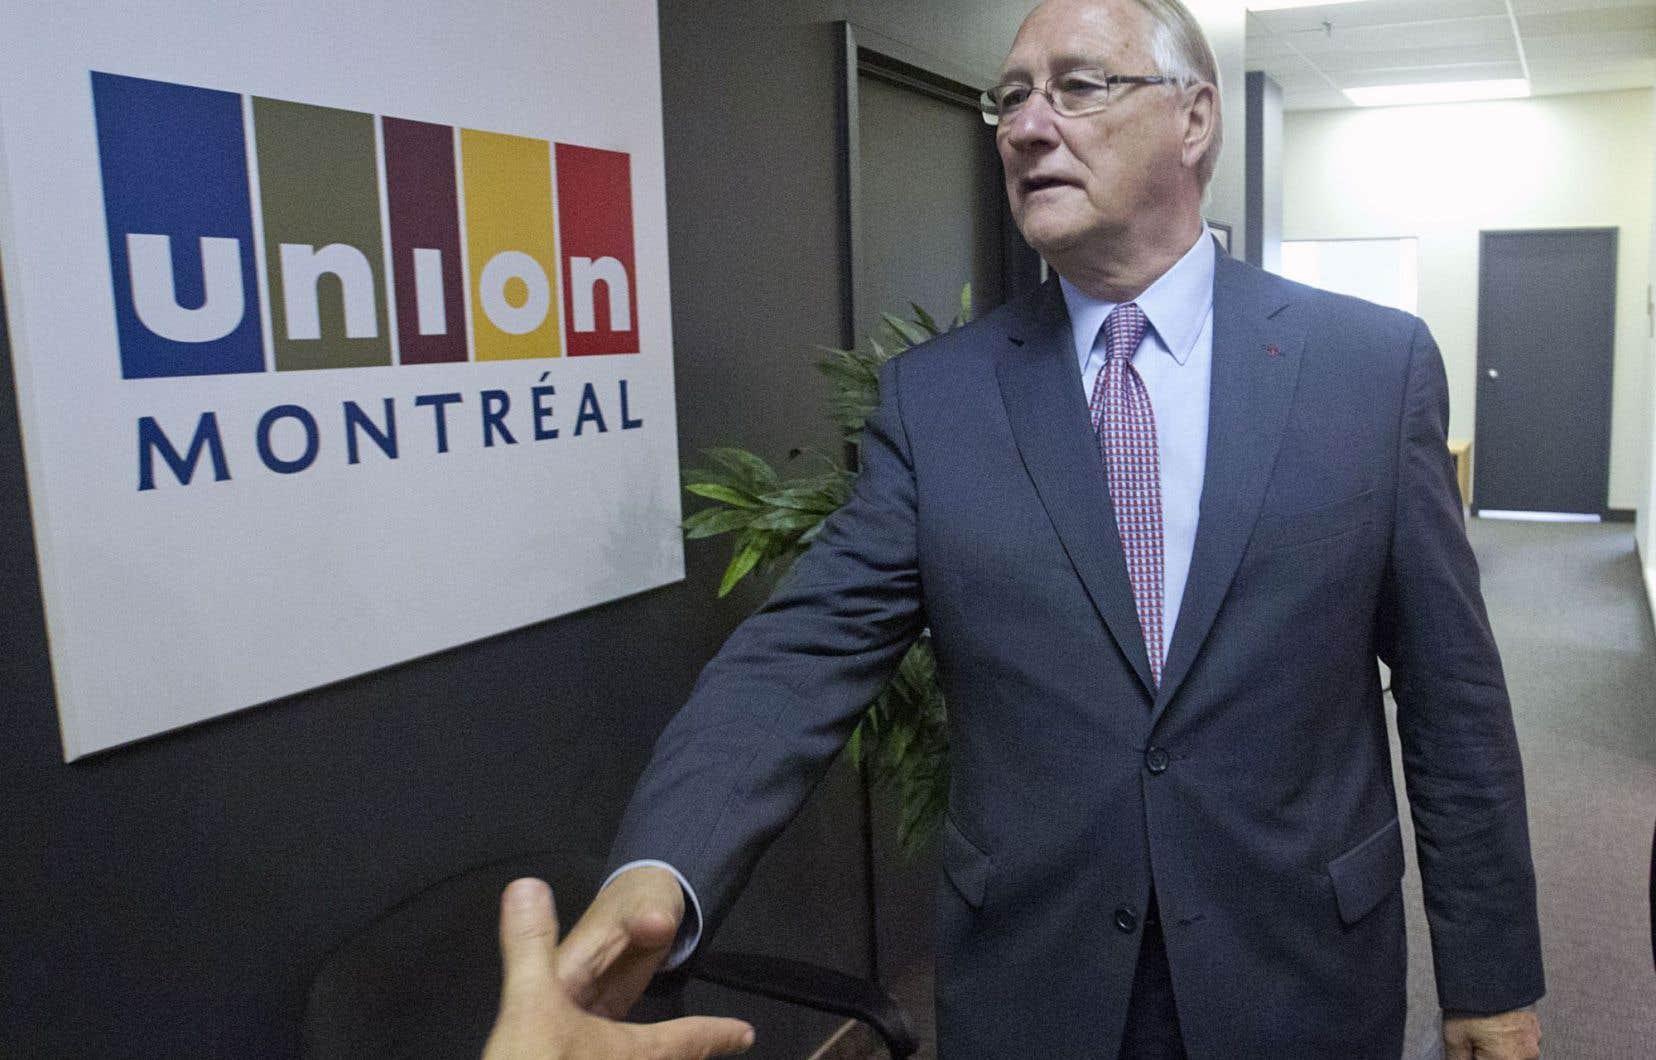 La juge de la Cour supérieure casse la décision du DGEQ et lui ordonne de réinscrire Union Montréal au registre des partis autorisés de la ville de Montréal.